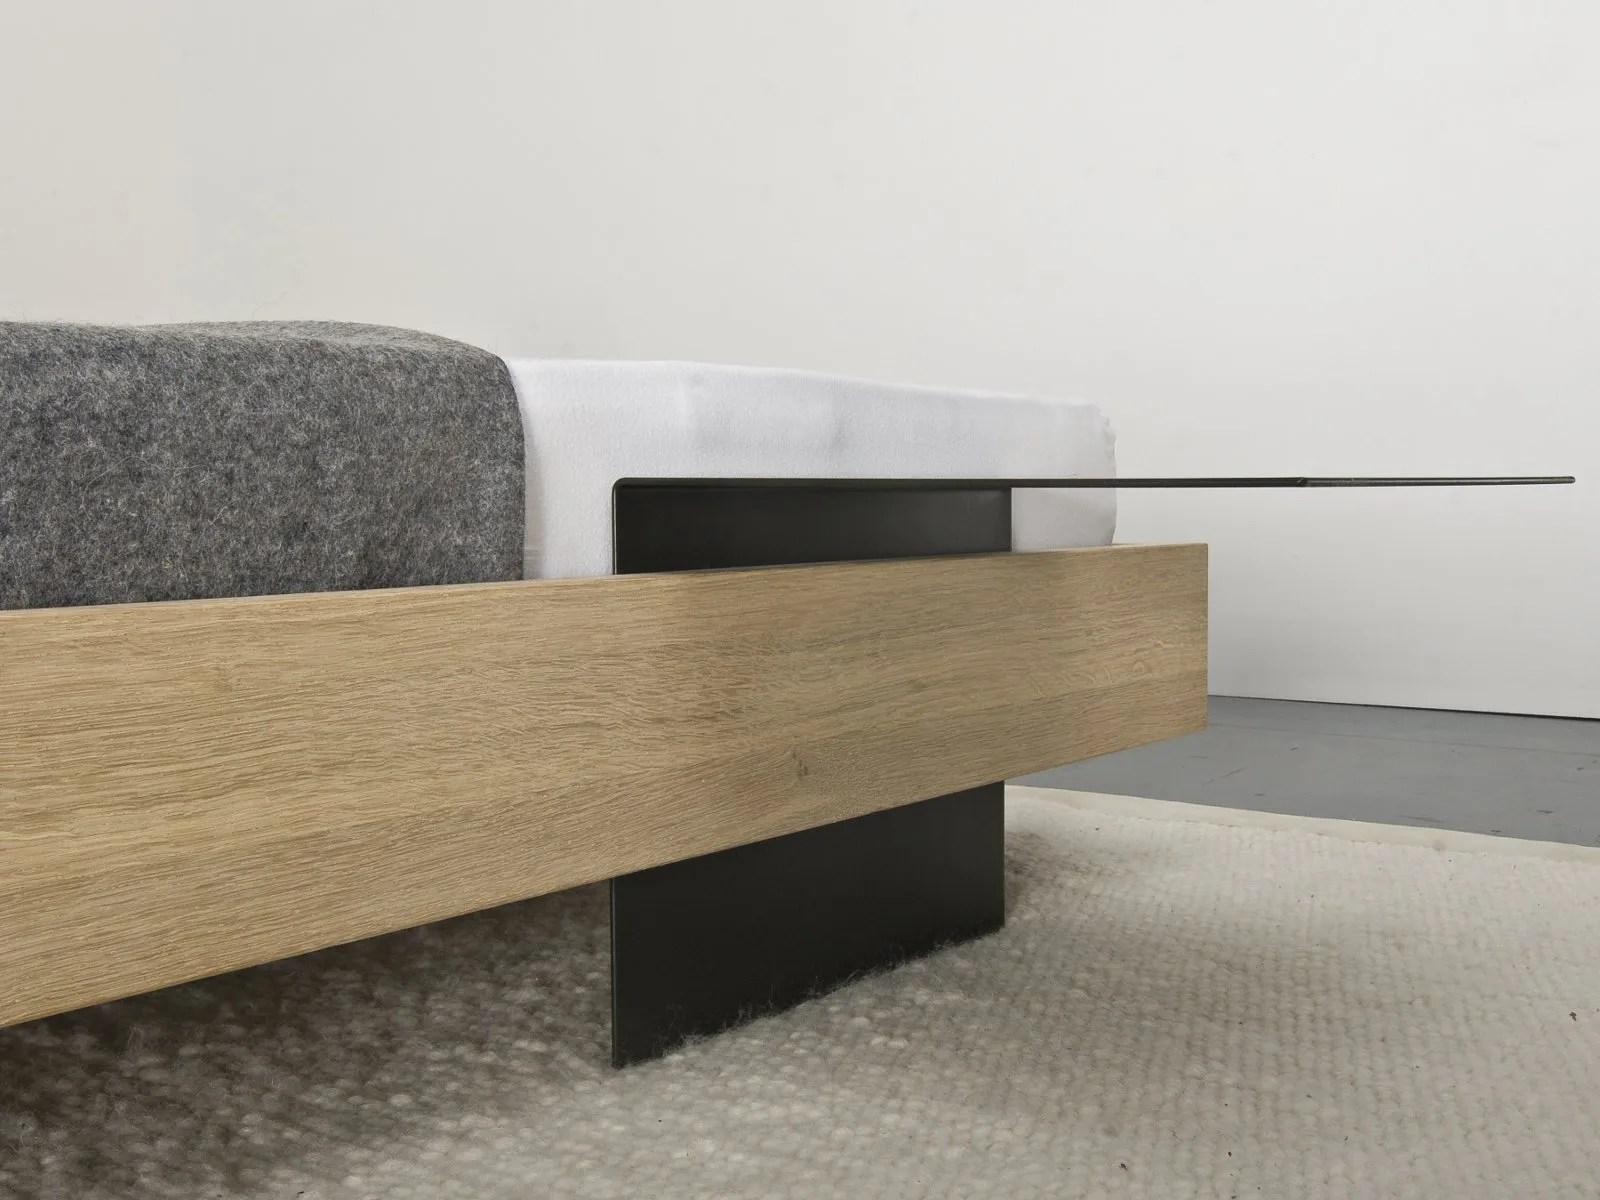 wooden sofa bed curved back modern solid wood iku by sanktjohanser design matthias